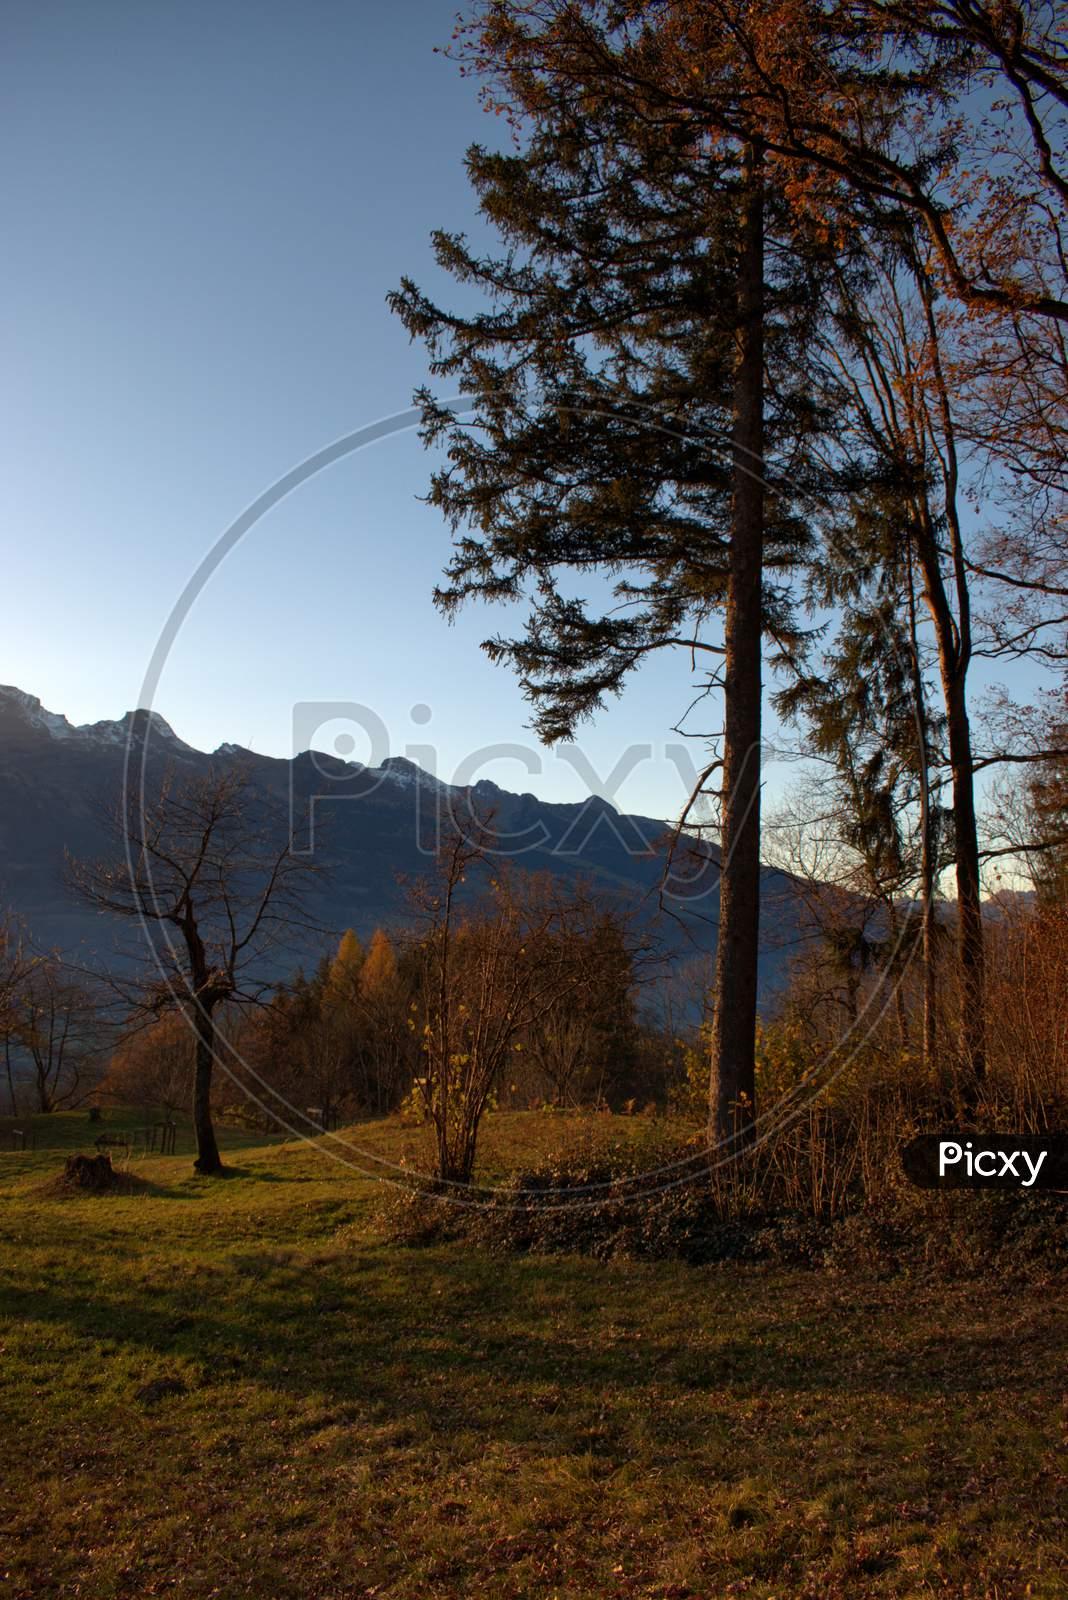 Autumn mood in Triesenberg in Liechtenstein 18.11.2020